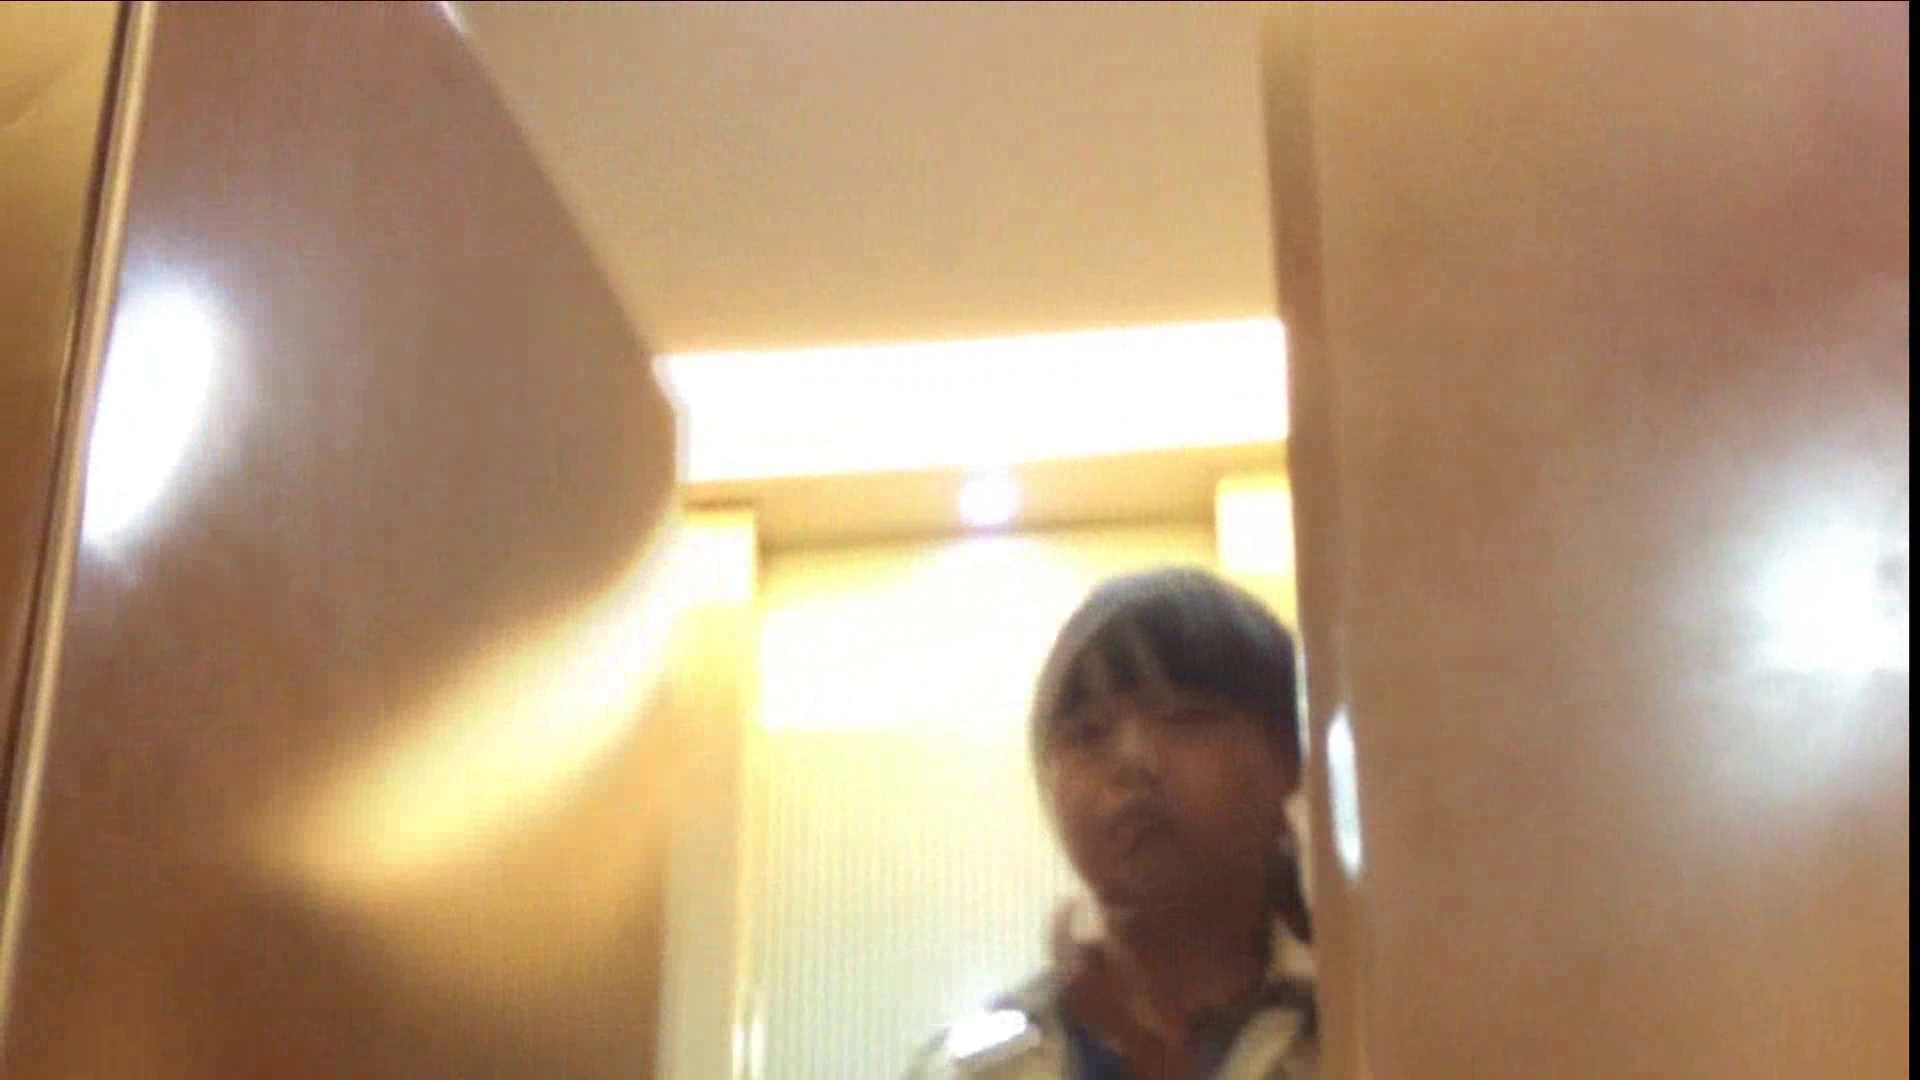 「噂」の国の厠観察日記2 Vol.16 厠隠し撮り われめAV動画紹介 92pic 23